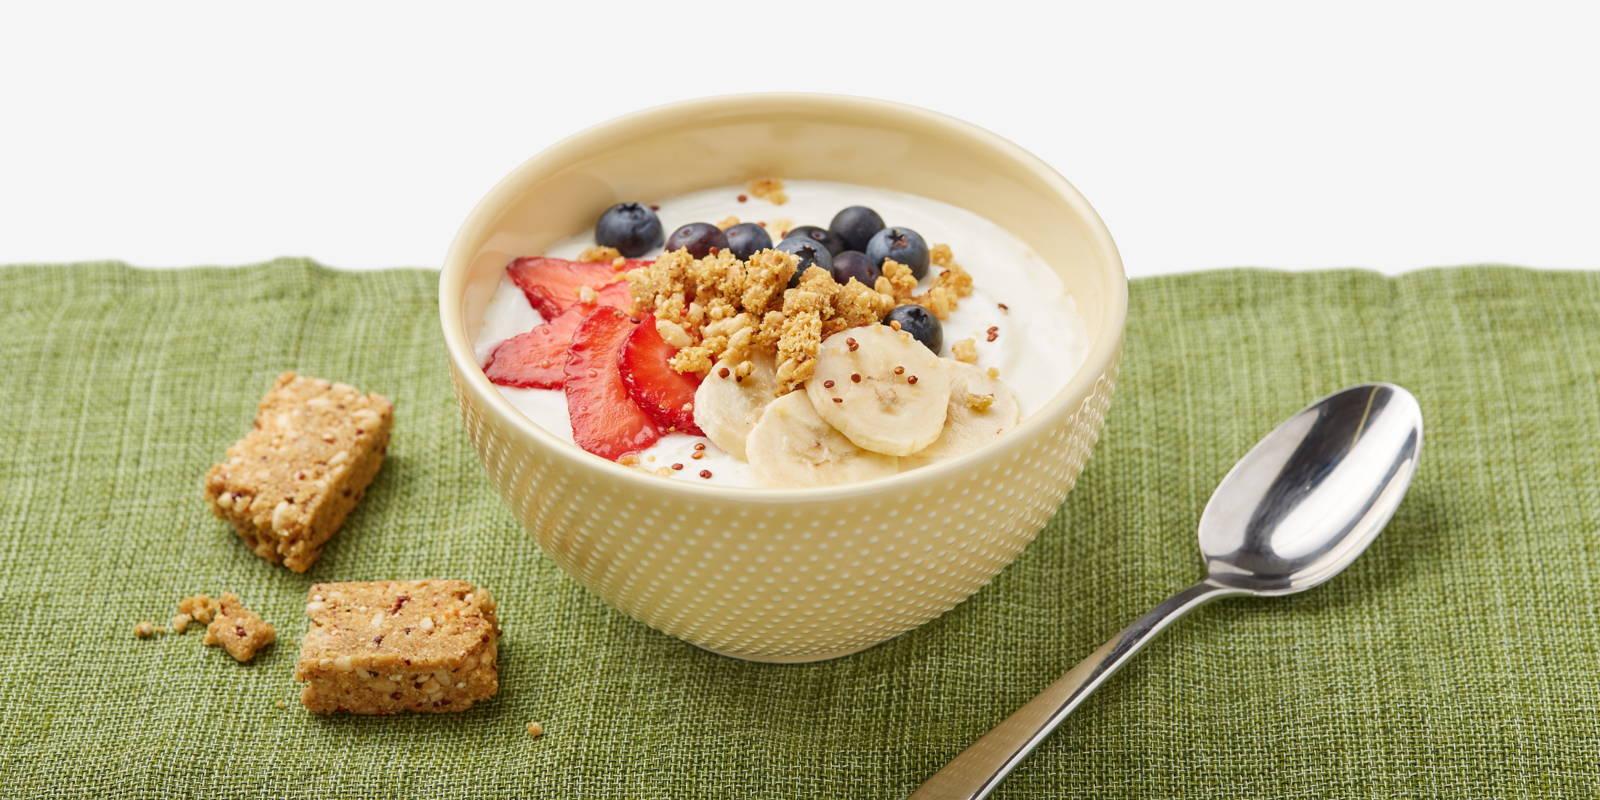 yogurt in a bowl with a ZENB bar